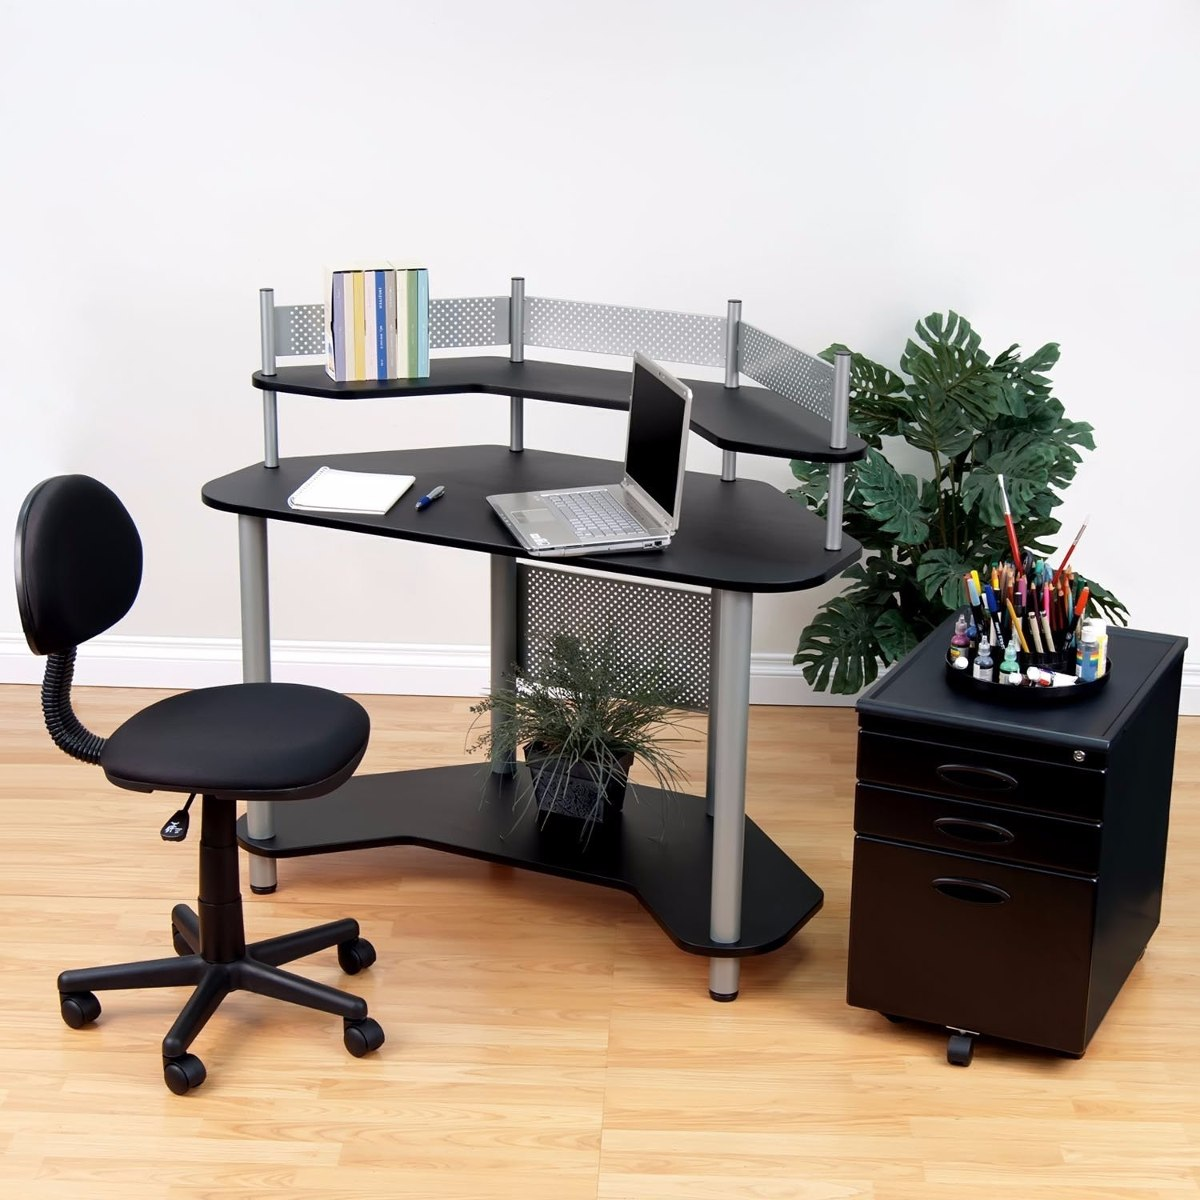 Escritorio mesa de trabajo esquinero madera y metal negro - Escritorio de trabajo ...